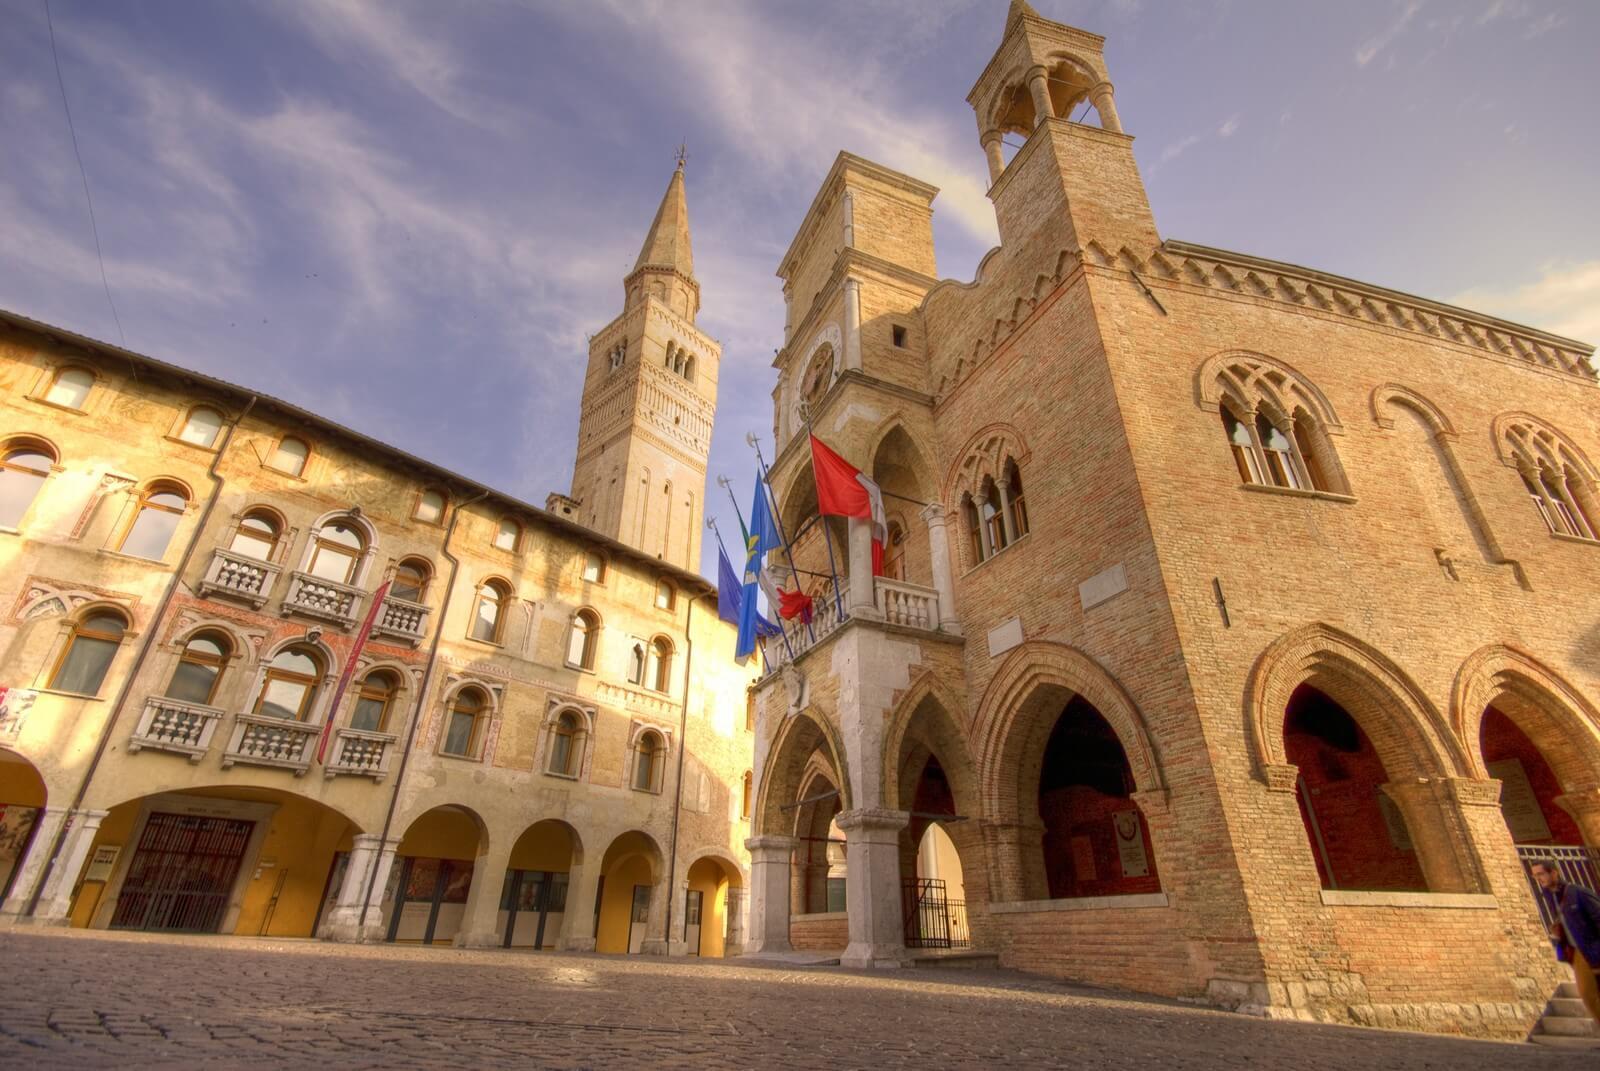 Винно-гастрономический тур по региону Фриули-Венеция-Джулия (фото)